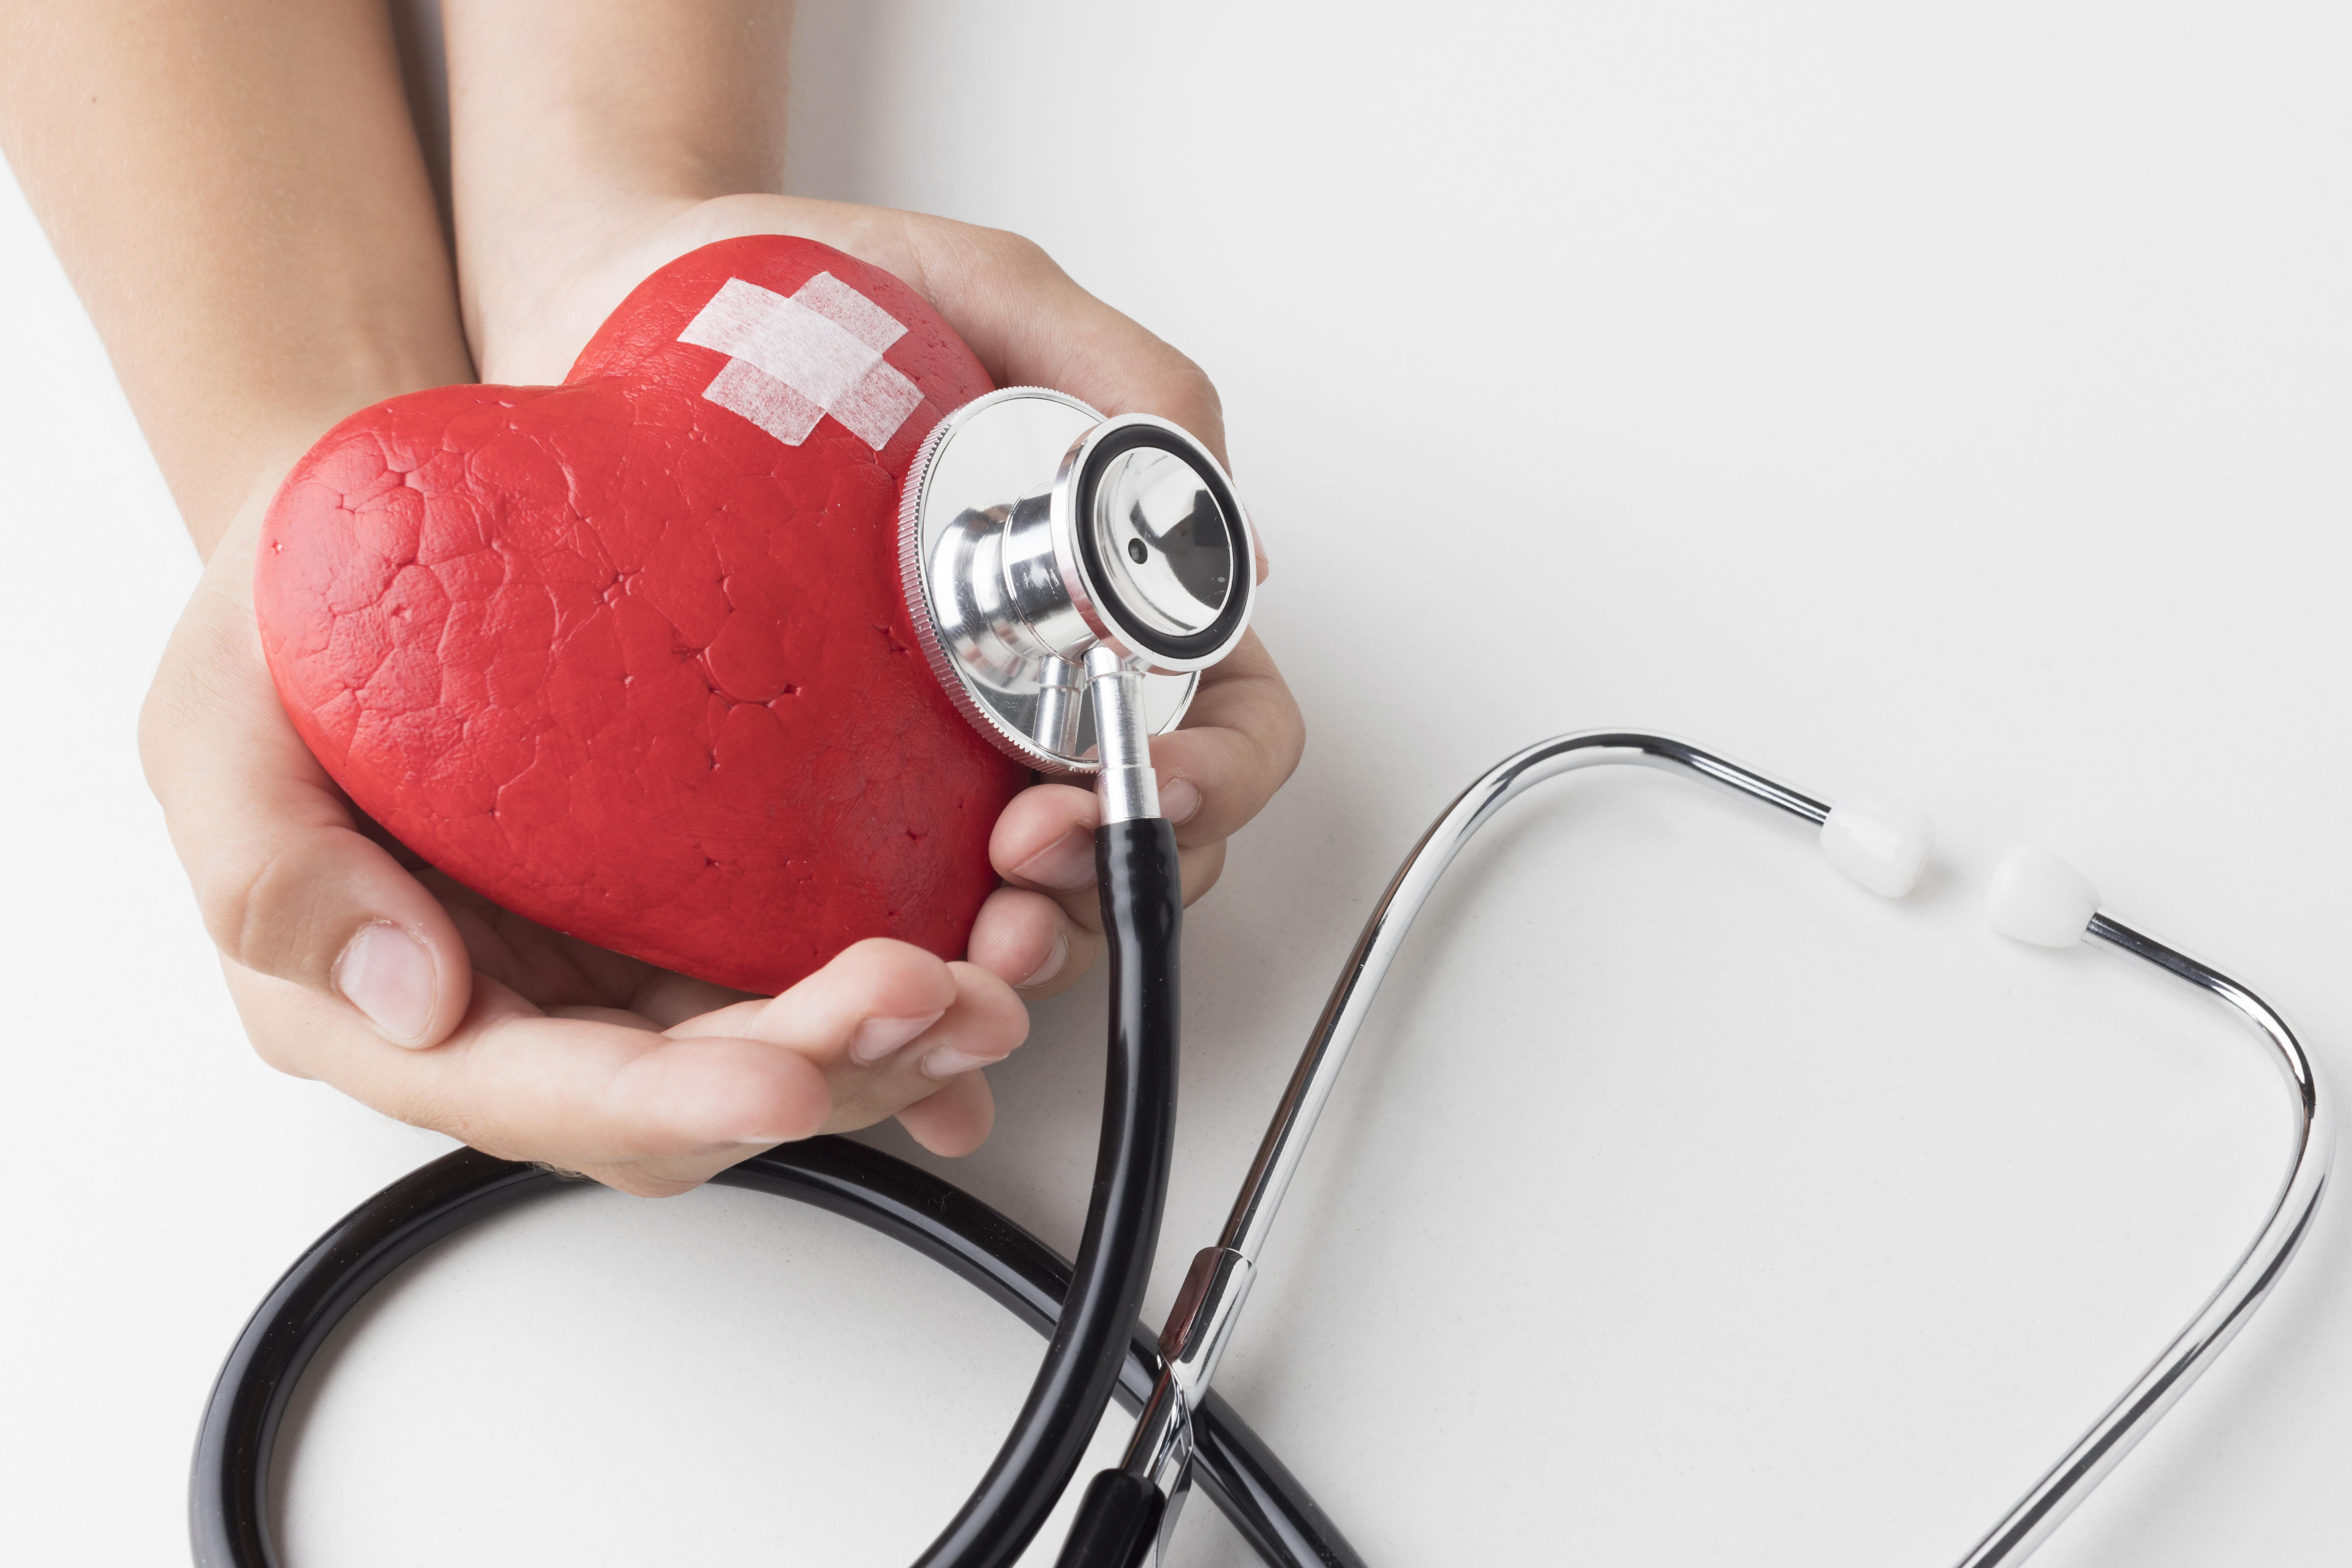 【健康殺手】公司醫療保險可對抗危疾?冠心病成因、治療及預防方法一覽!